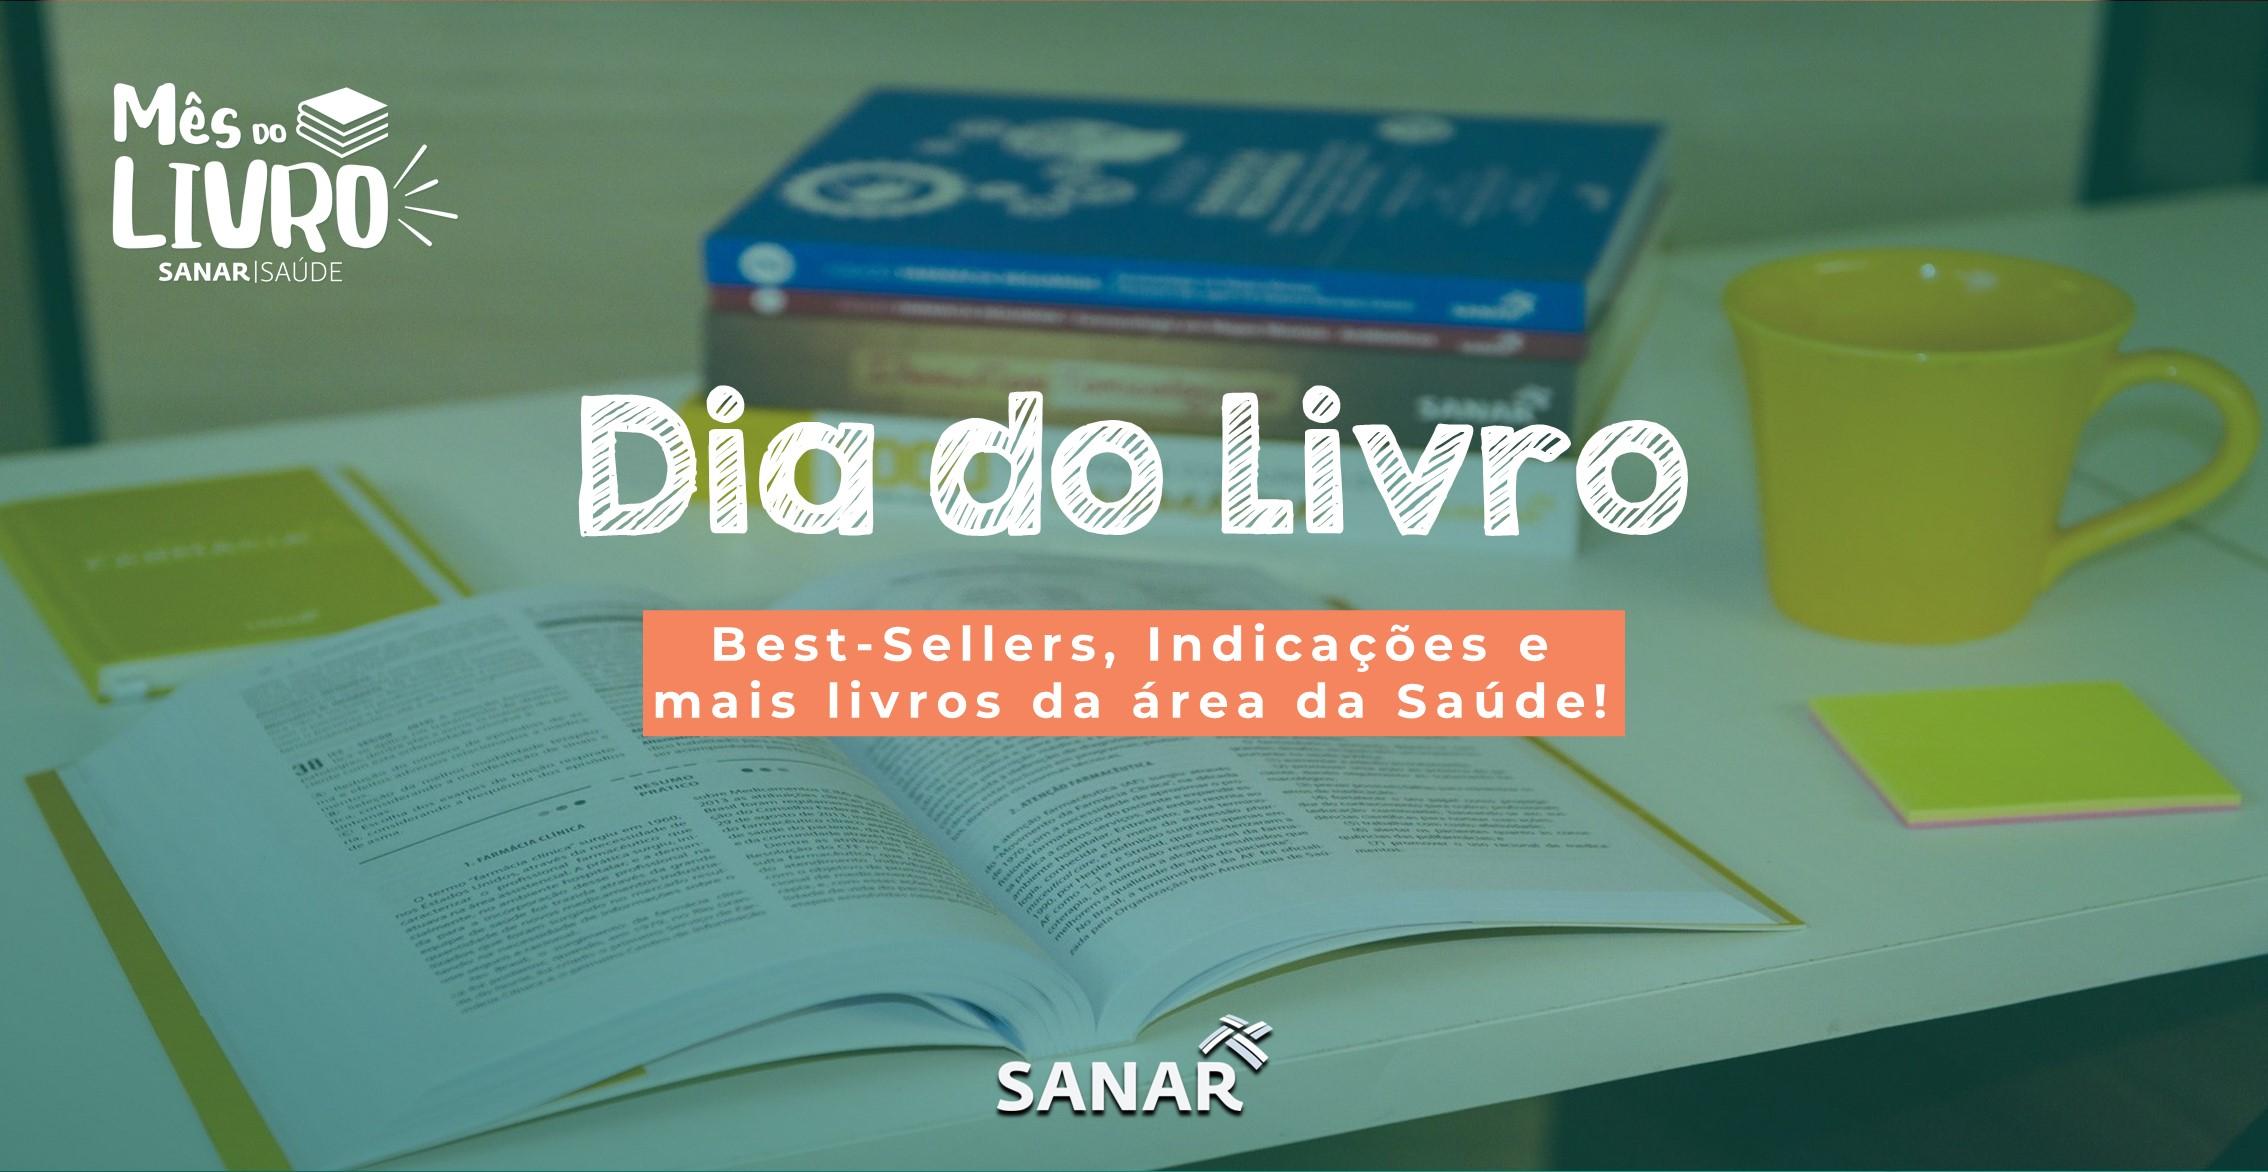 Dia do Livro Sanar Saúde: Best-sellers, indicações e mais!